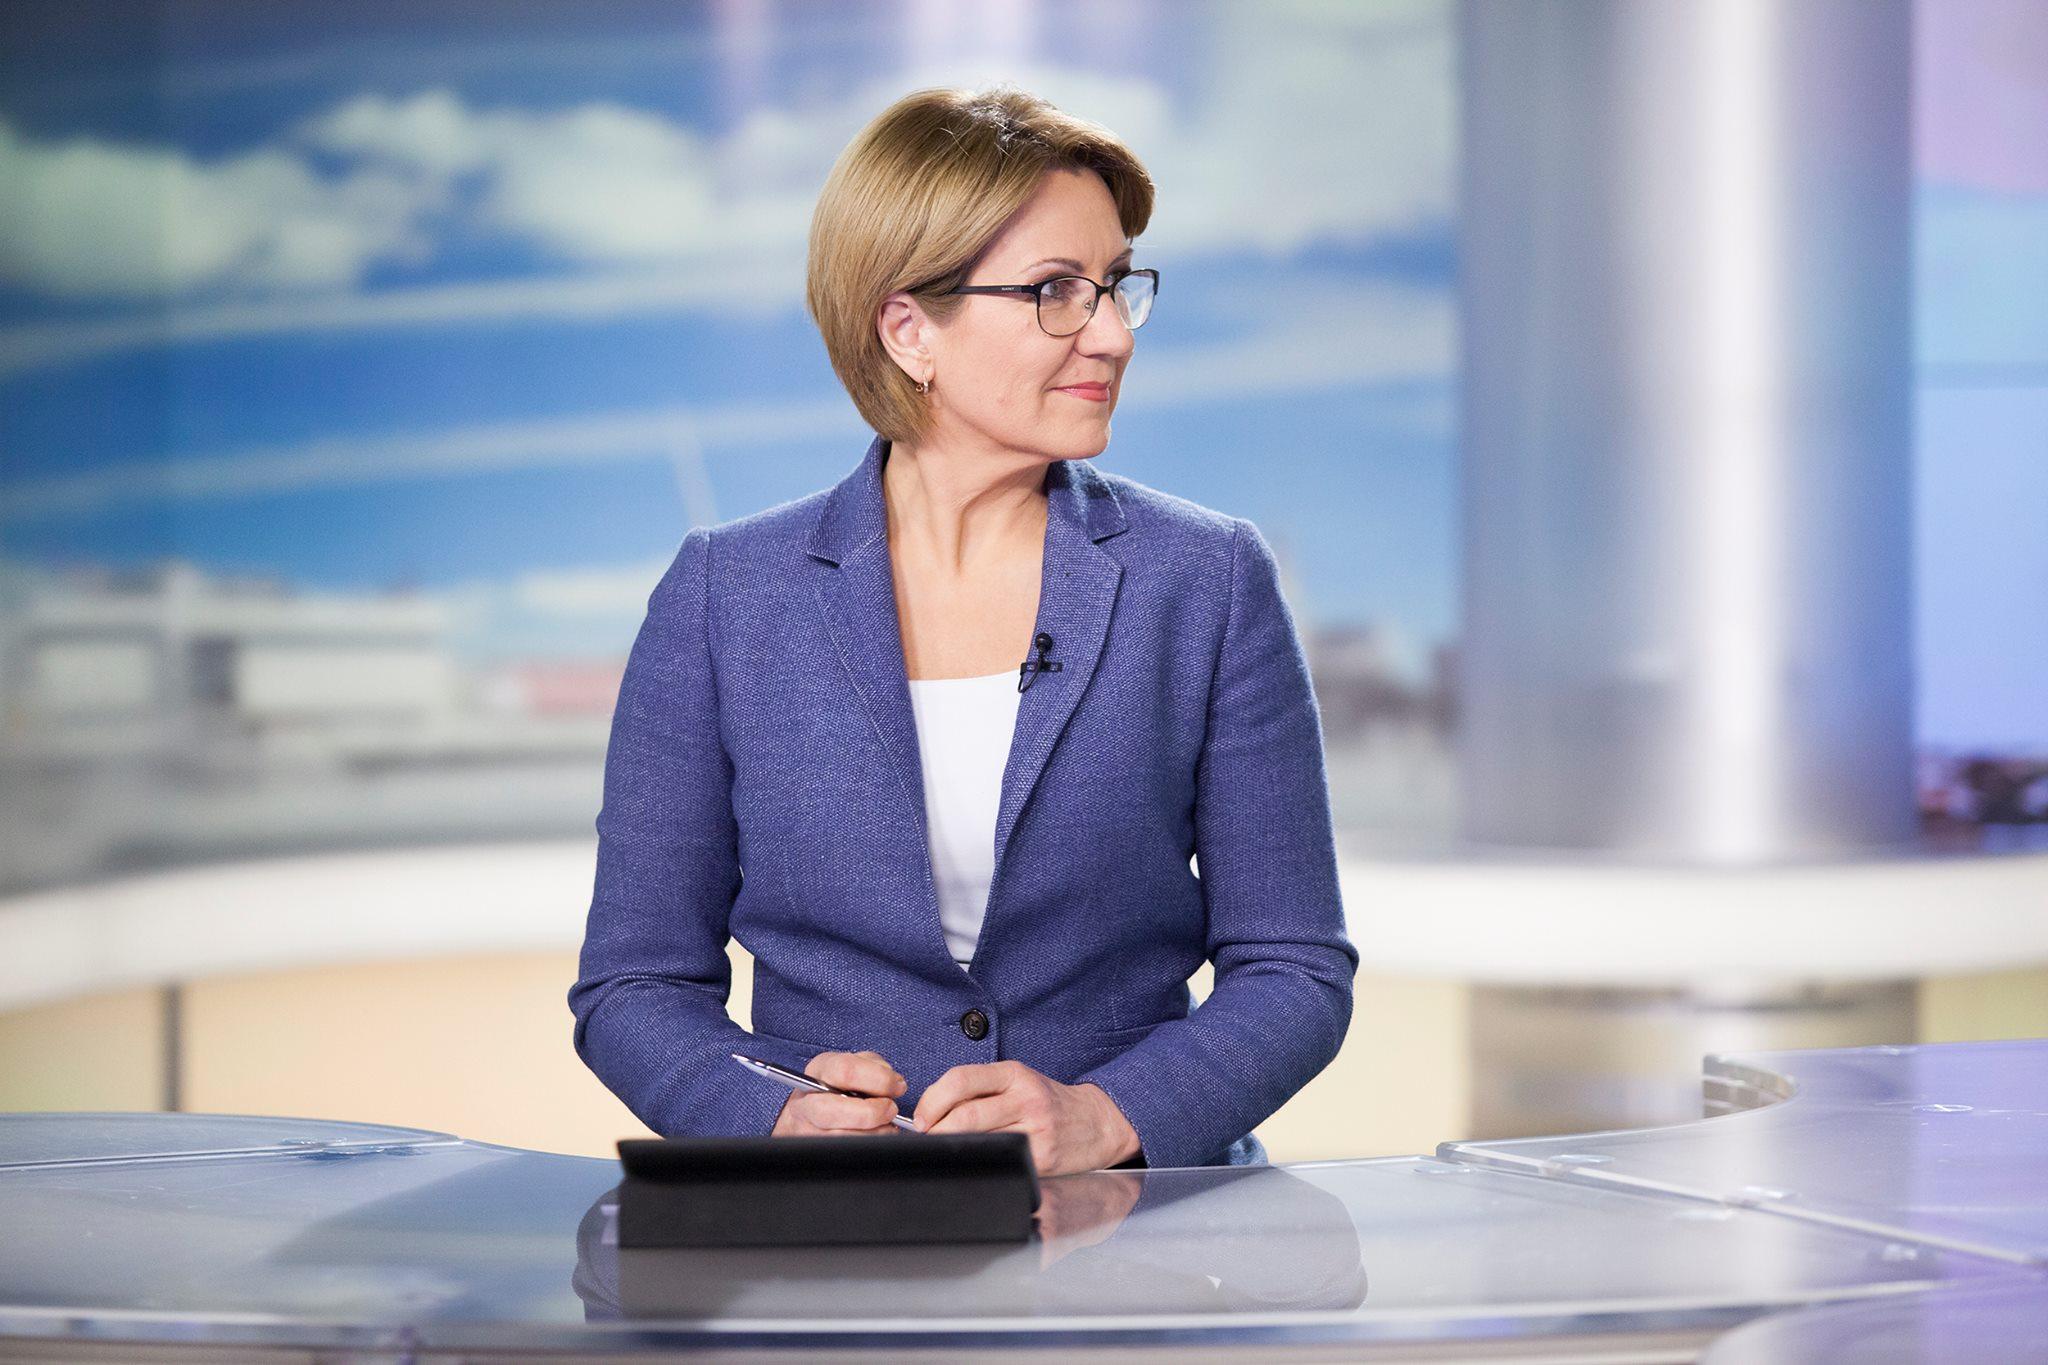 Visuomenė žiniasklaida pasitiki labiau nei daugeliu valdžios institucijų – tai rodo, kad dirbame ne veltui, sako Eglė Bučelytė. V. Radžiūno nuotrauka.